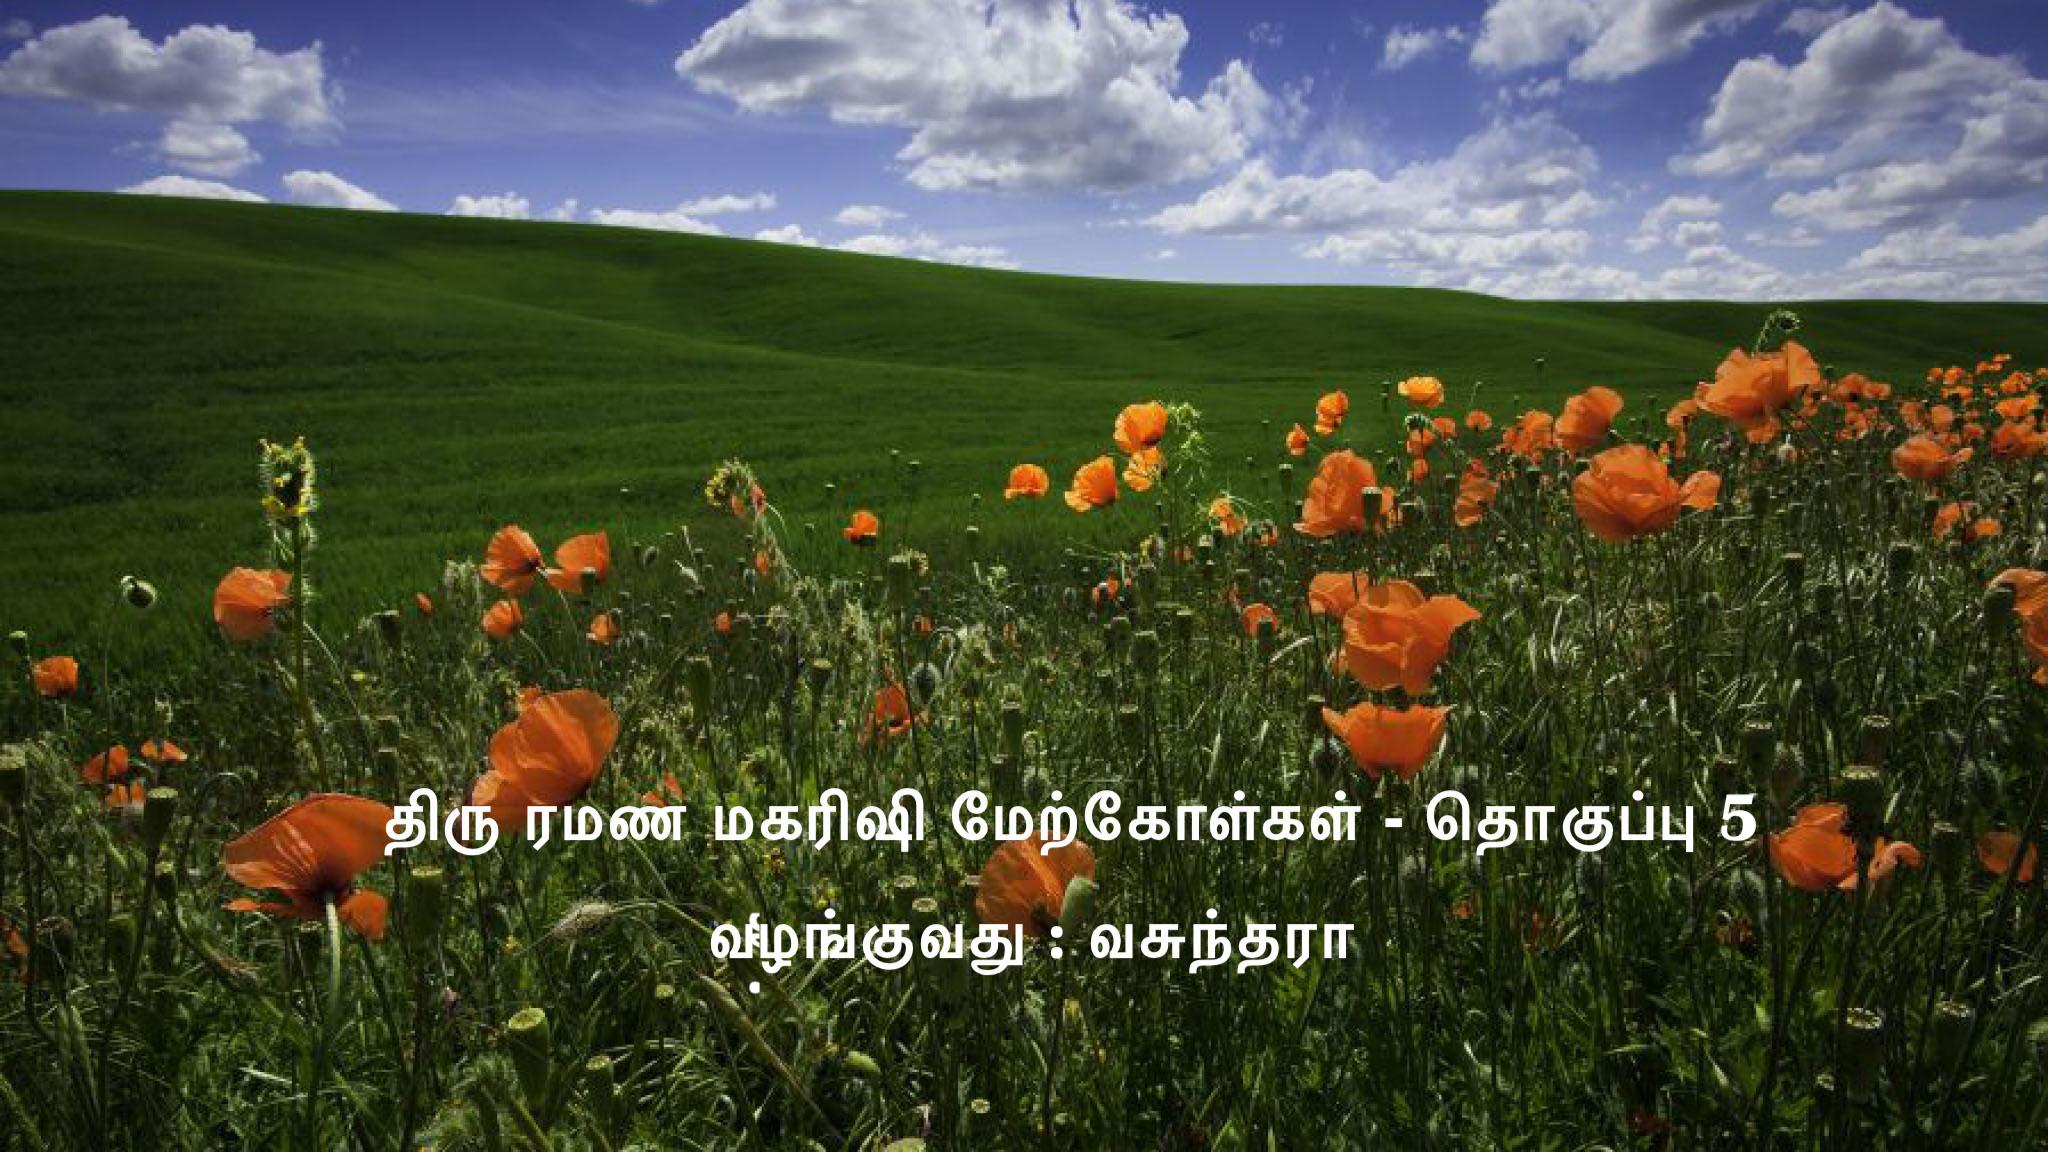 Ramana Maharshi Quotes in Tamil - (Set 5) - தமிழ் மேற்கோள்கள் - விடியோ